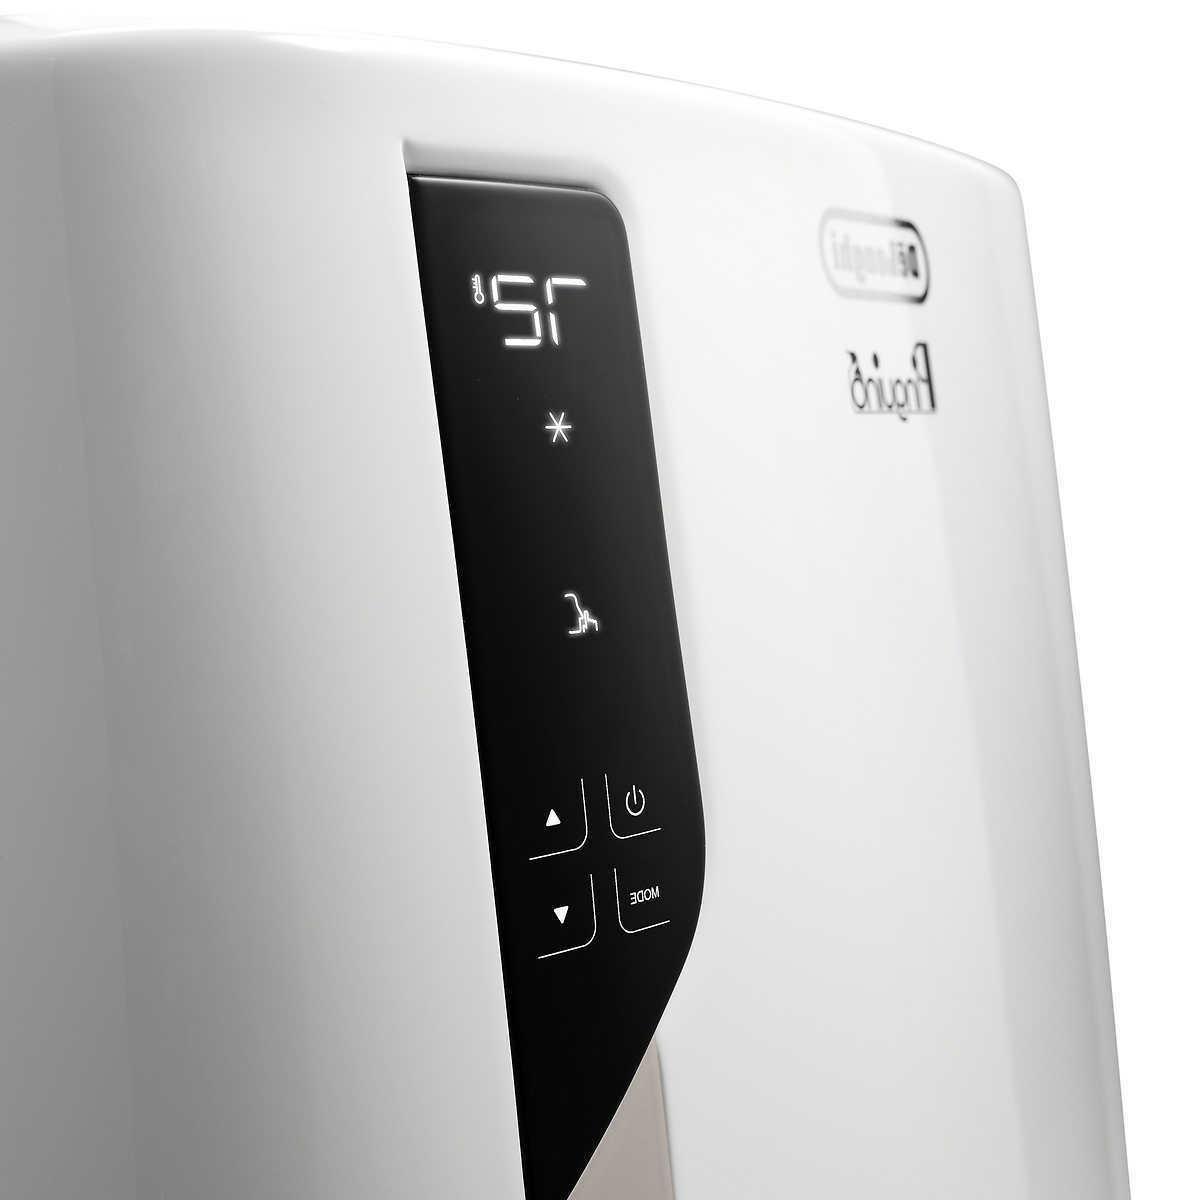 De'Longhi 1 Season Use: Air Conditioner, Heater,